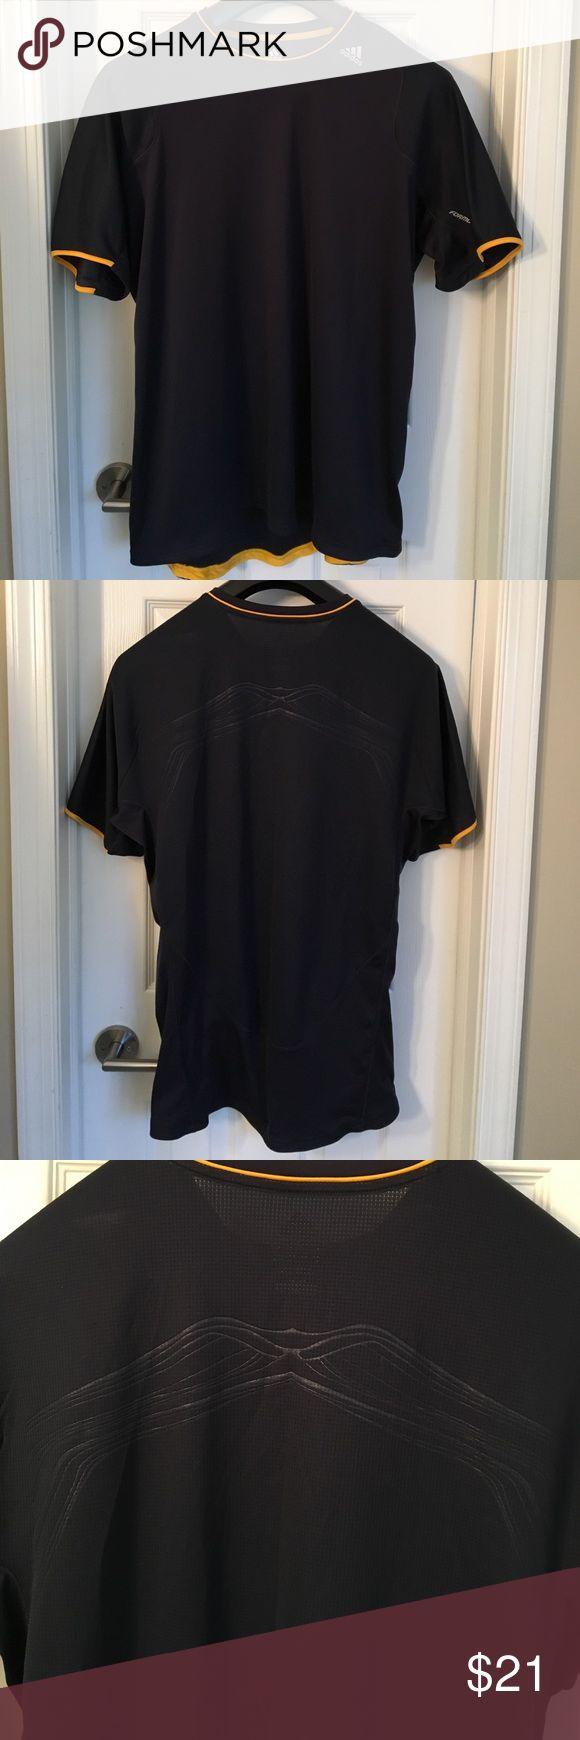 Adidas shirt design your own - Adidas Workout Shirt